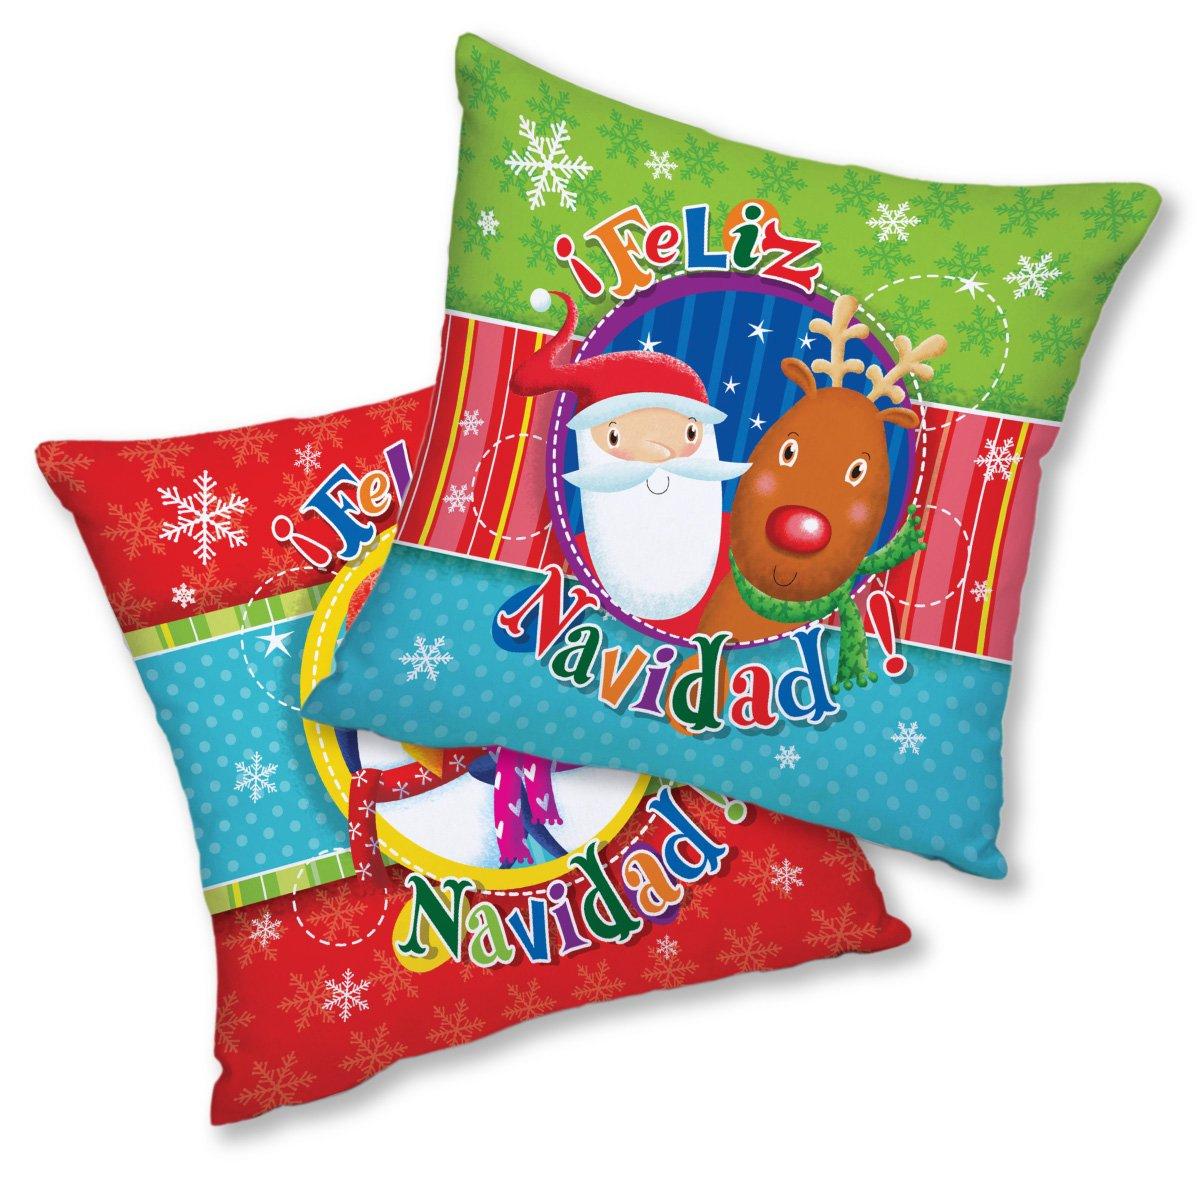 Sears en Línea: Te Desea Feliz Navidad Cojin y mas con 95% Descuento